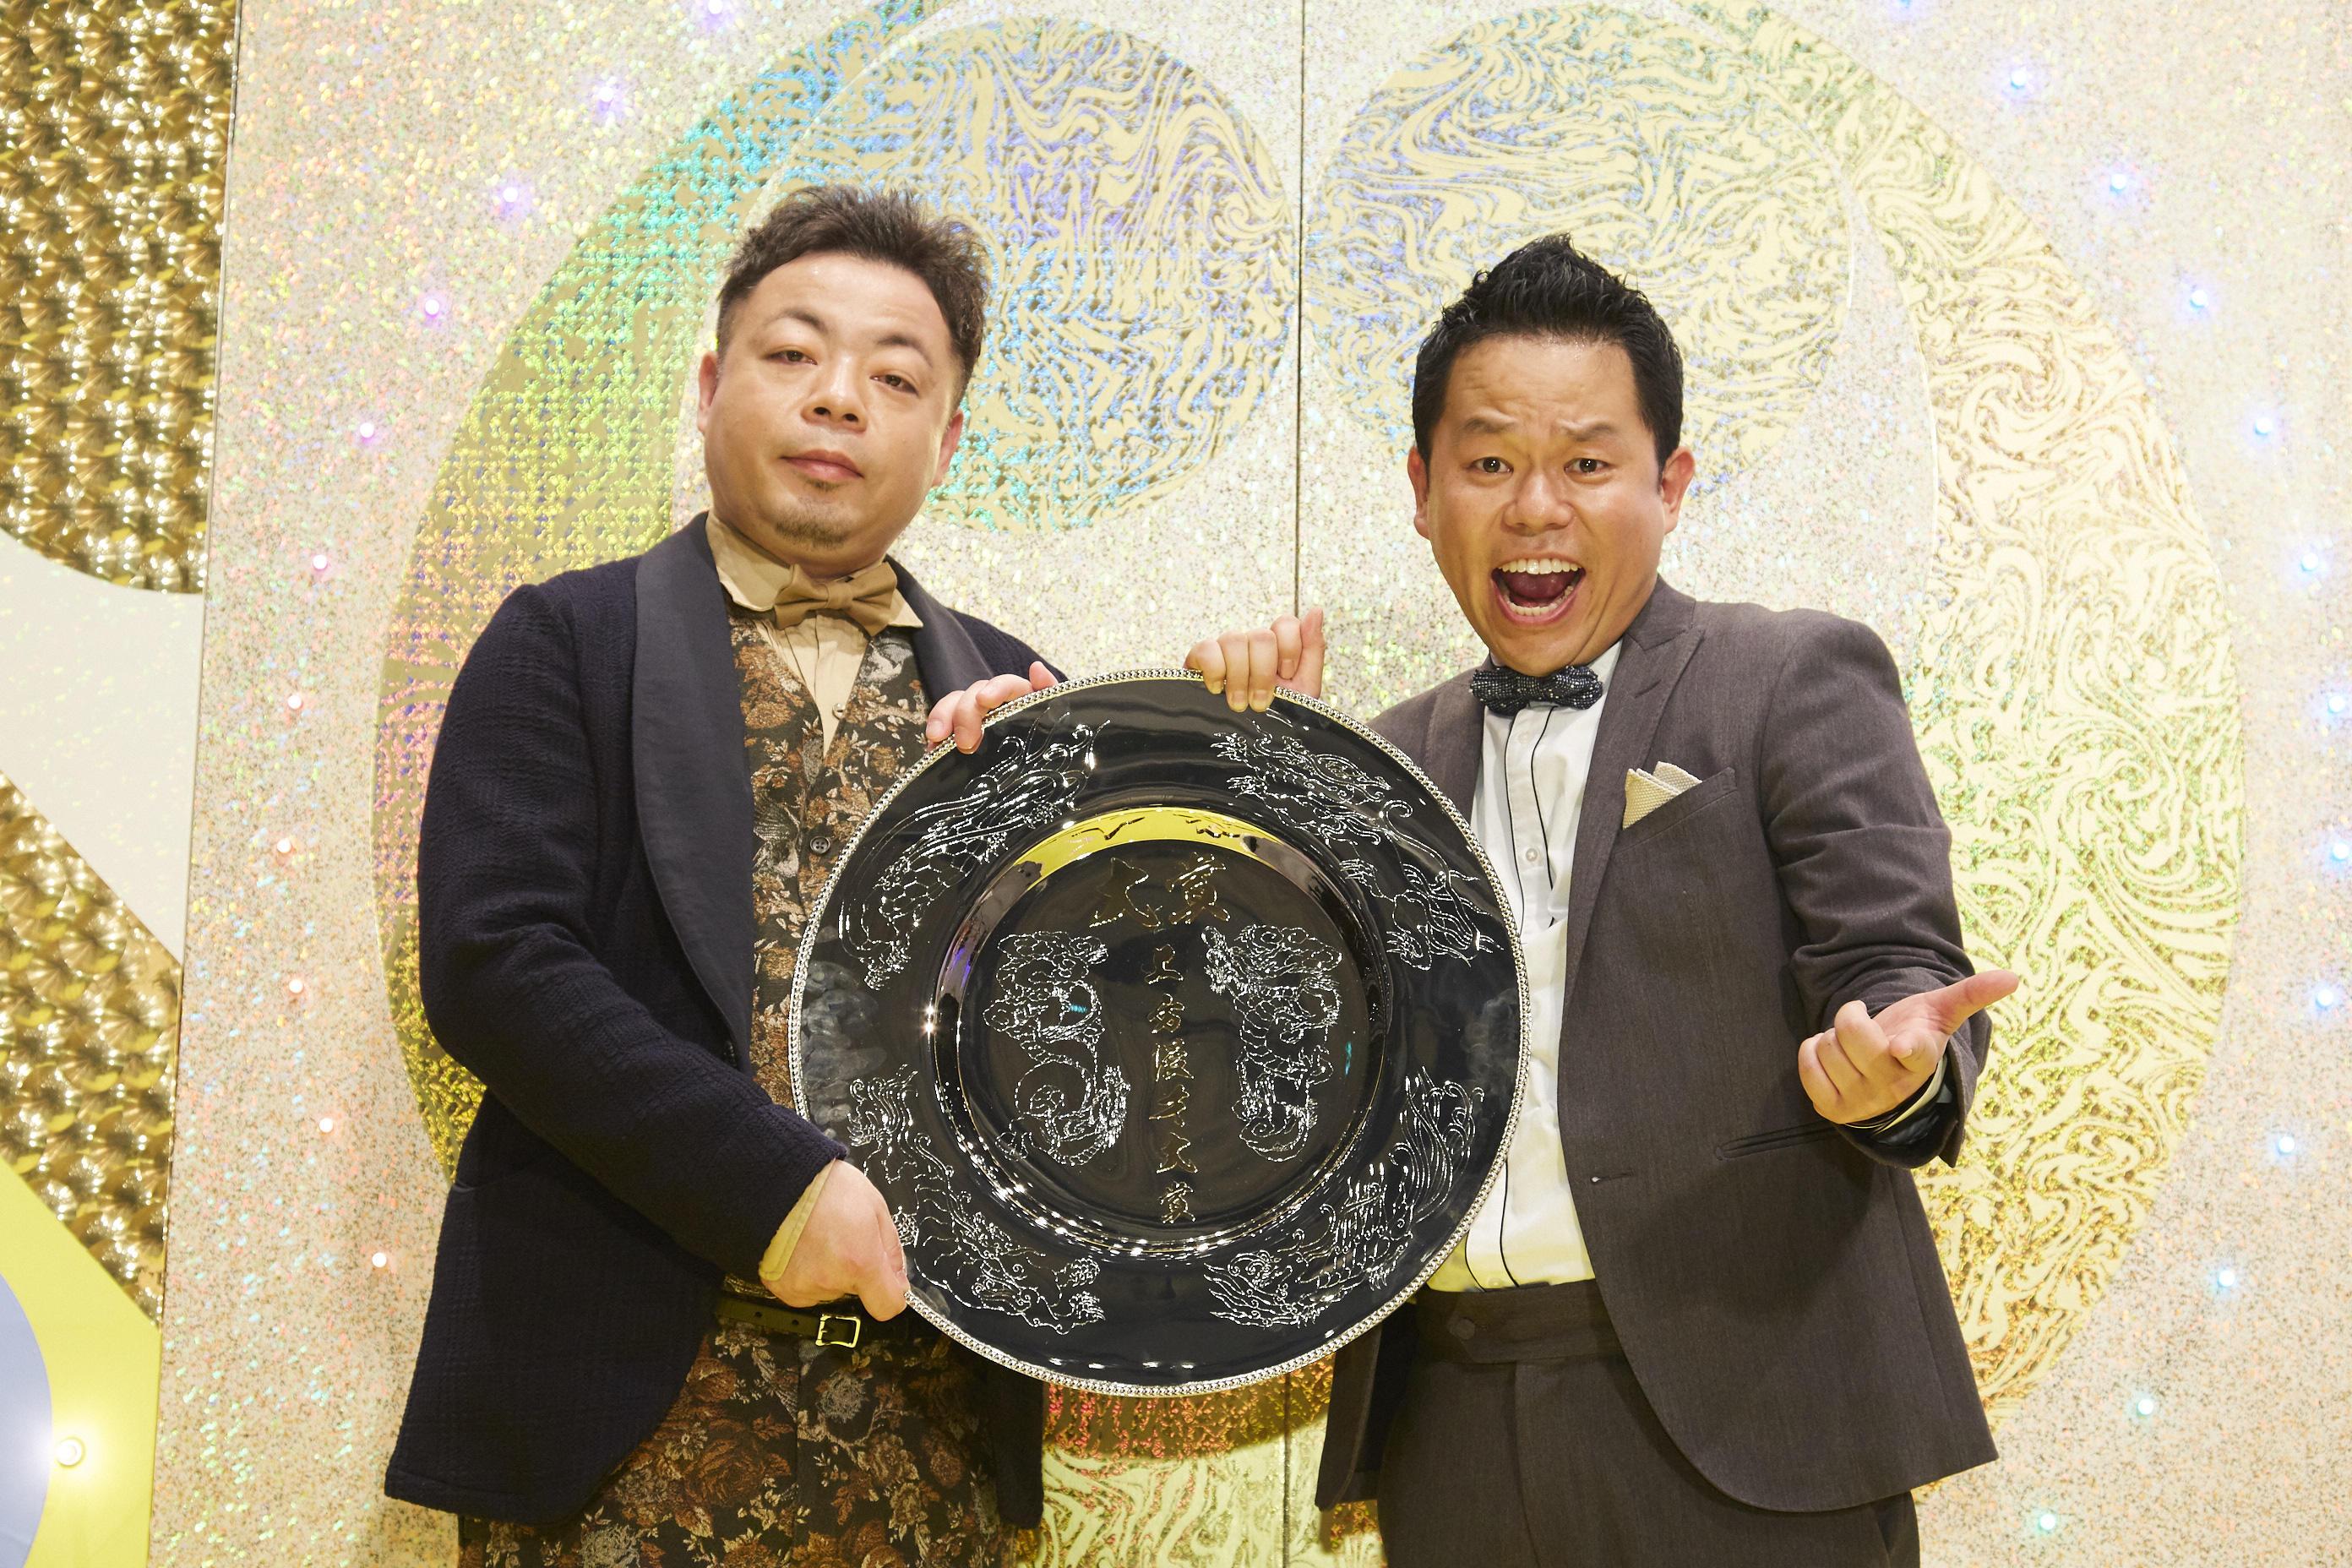 http://news.yoshimoto.co.jp/20180409143058-d2f26bf172a9ad40668dacca8b81edbe24d890ff.jpg